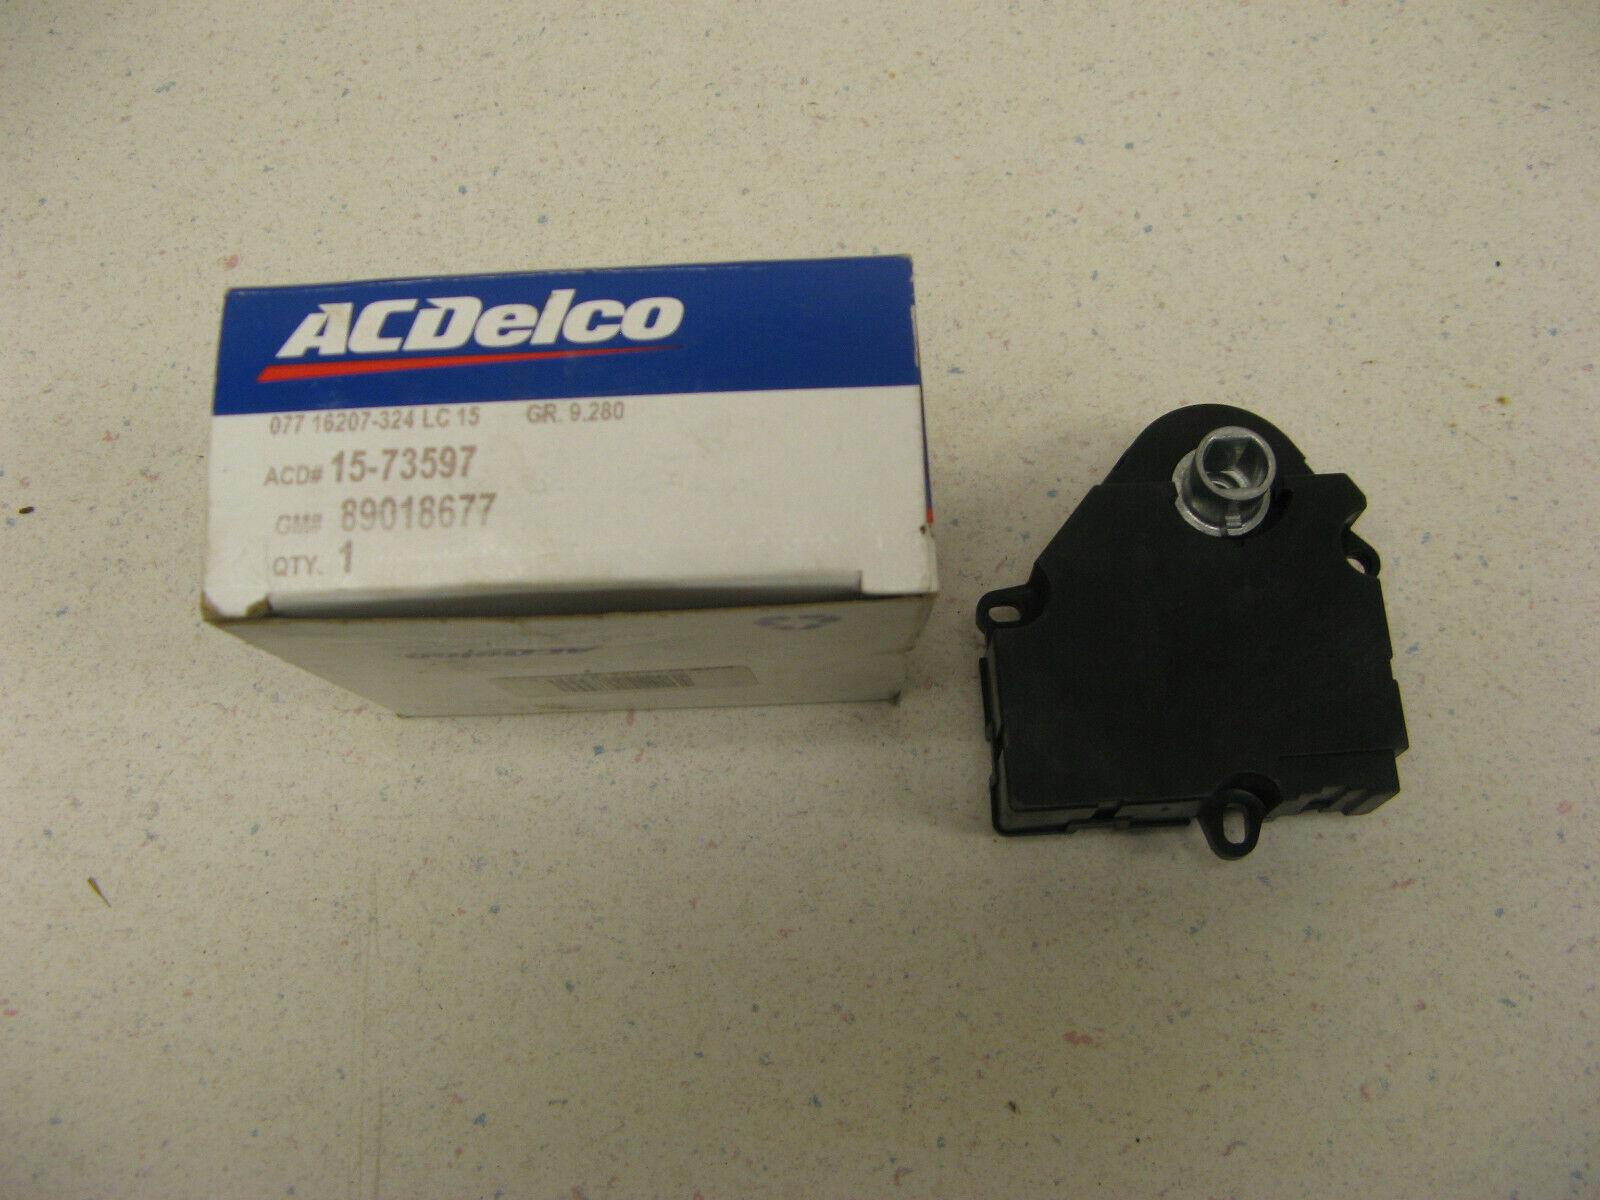 ACDelco 15-73597 GM Original Equipment Air Conditioning Vacuum Actuator